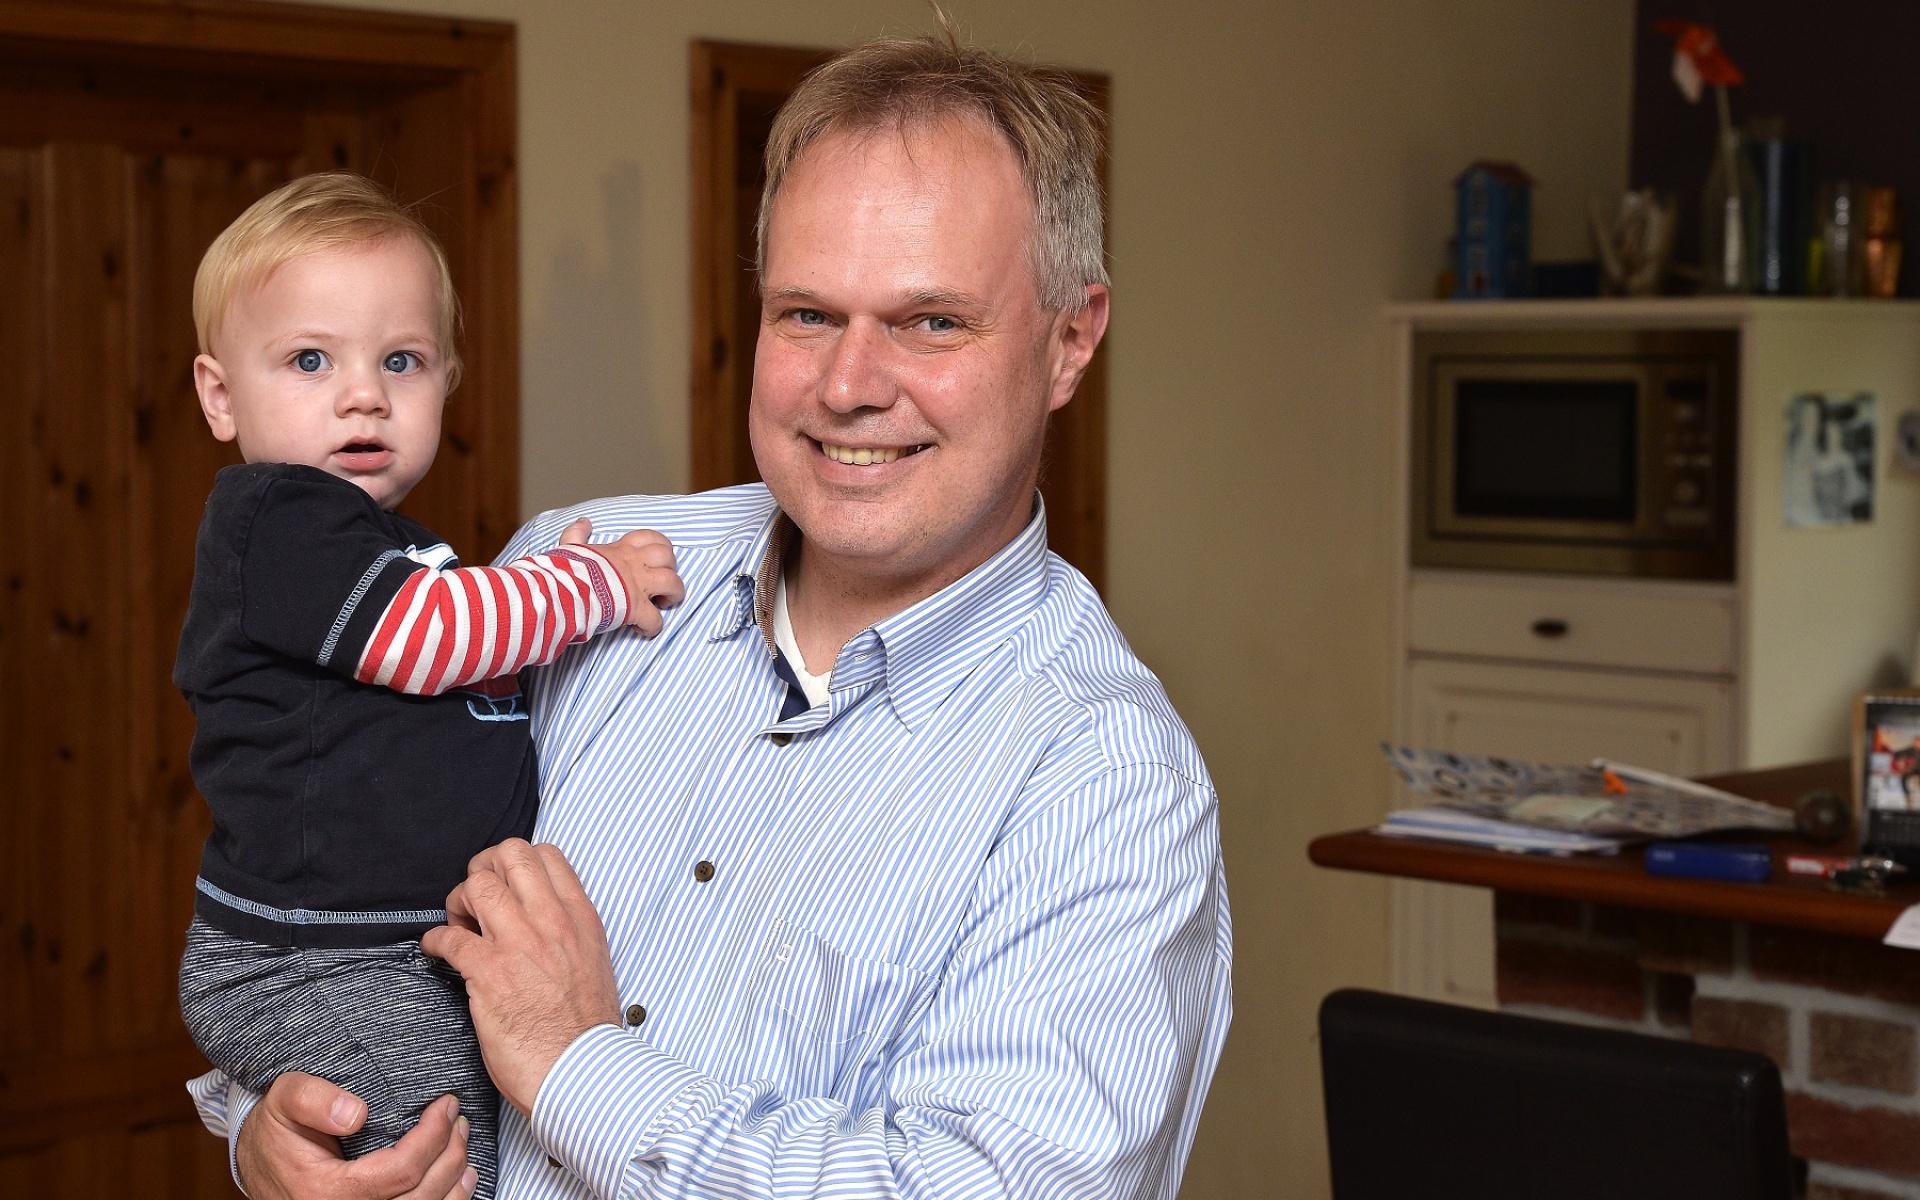 Ein Geschenk zum ersten Geburtstag seines Sohnes Joost ist eine Fördermitgliedschaft im DRF e. V., verrät Papa Olaf Wendlandt.